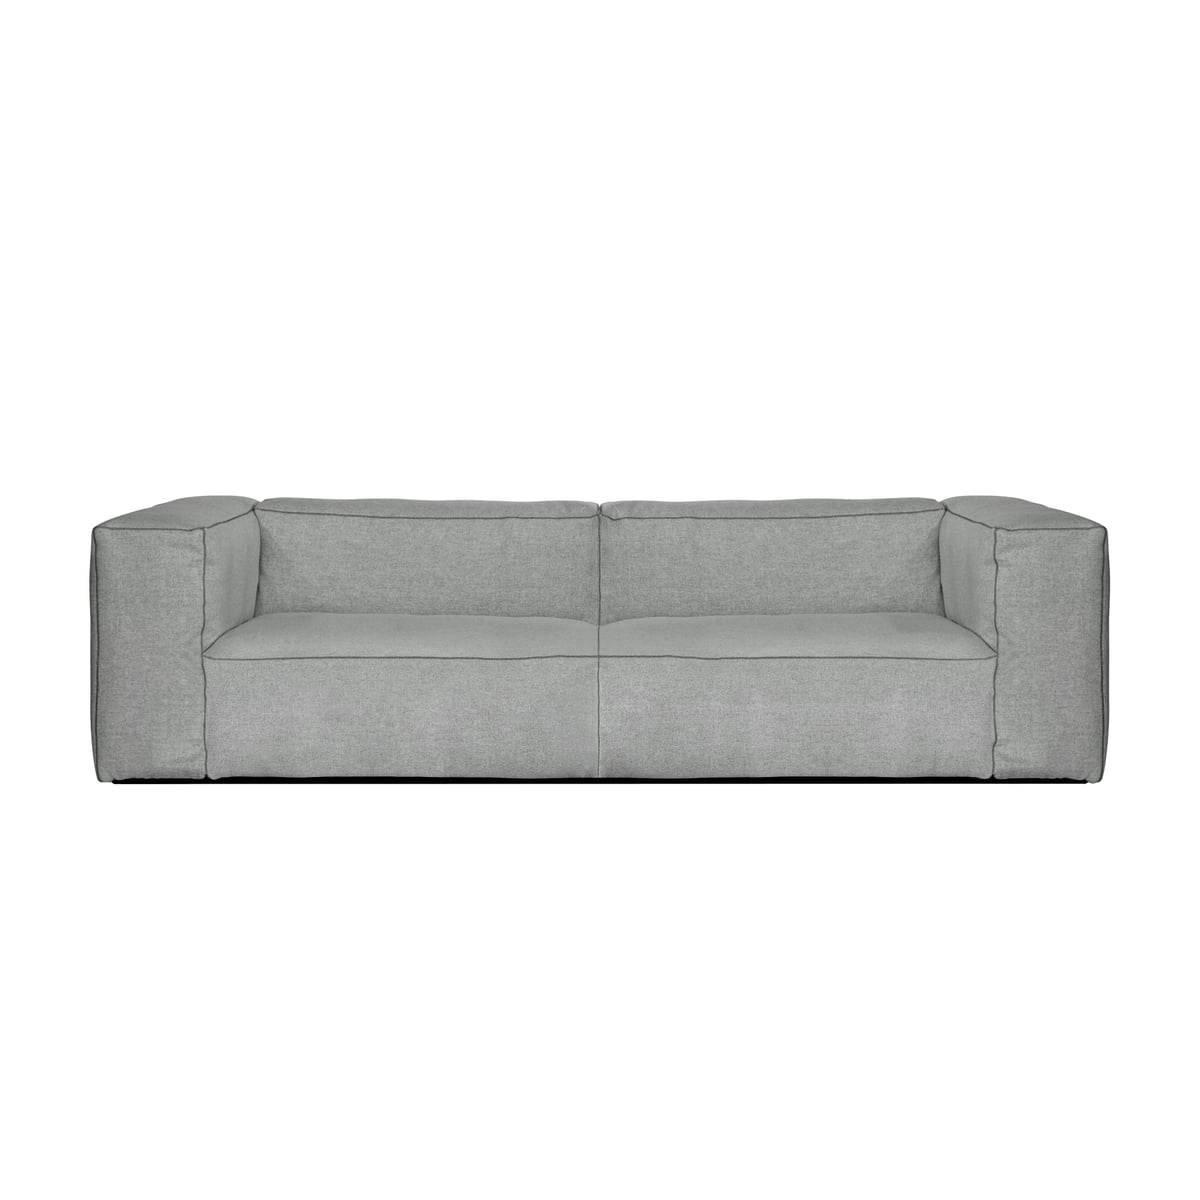 Full Size of Sofa 3 2 1 Sitzer Couchgarnitur 3 2 1 Sitzer Chesterfield Emma Samt Superior Big Emma Bett 120 X 200 Mit Boxen Verstellbarer Sitztiefe Home Affaire Big Sofa Sofa 3 2 1 Sitzer